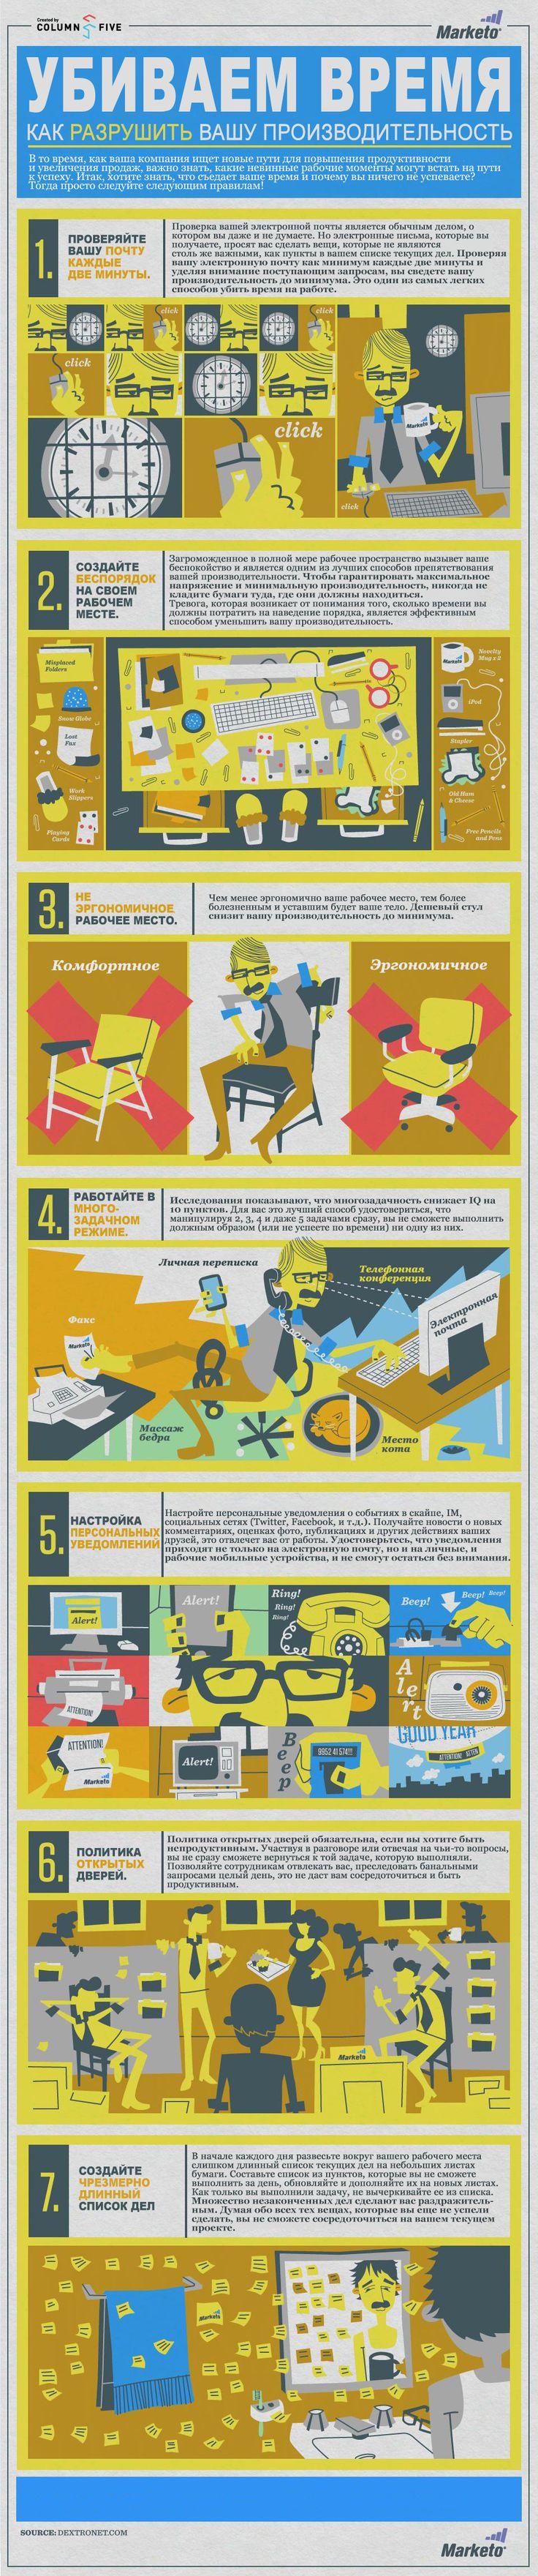 как снизить свою производительность